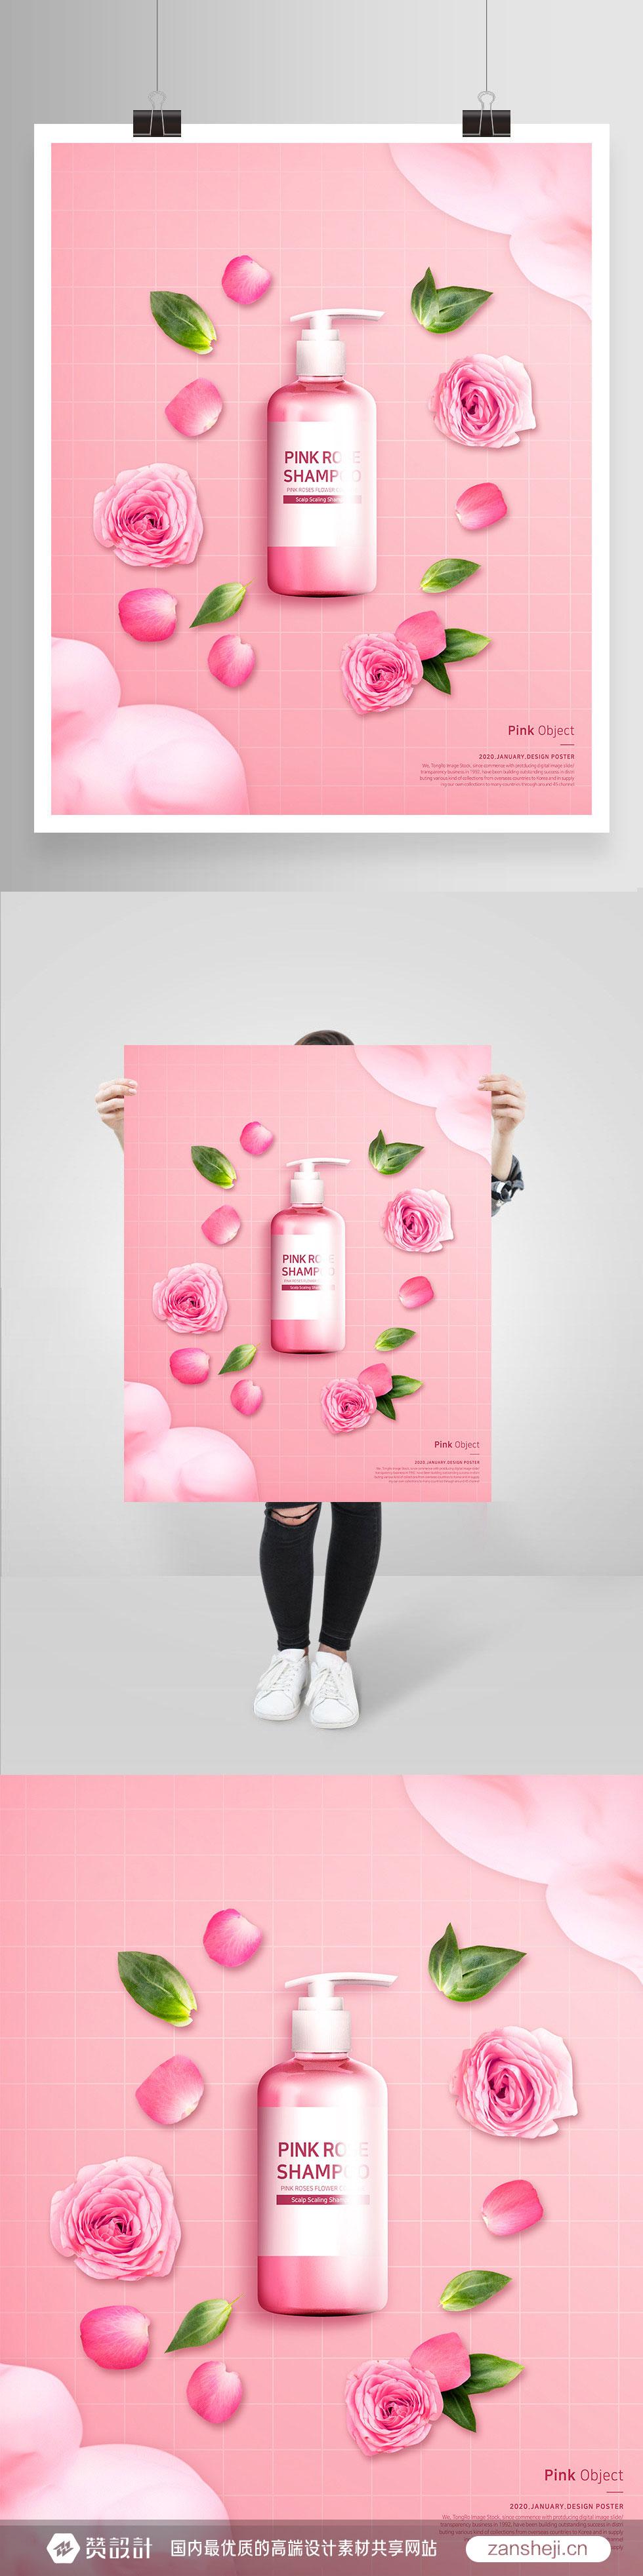 粉色情人节礼物洗护海报psd分层设计素材